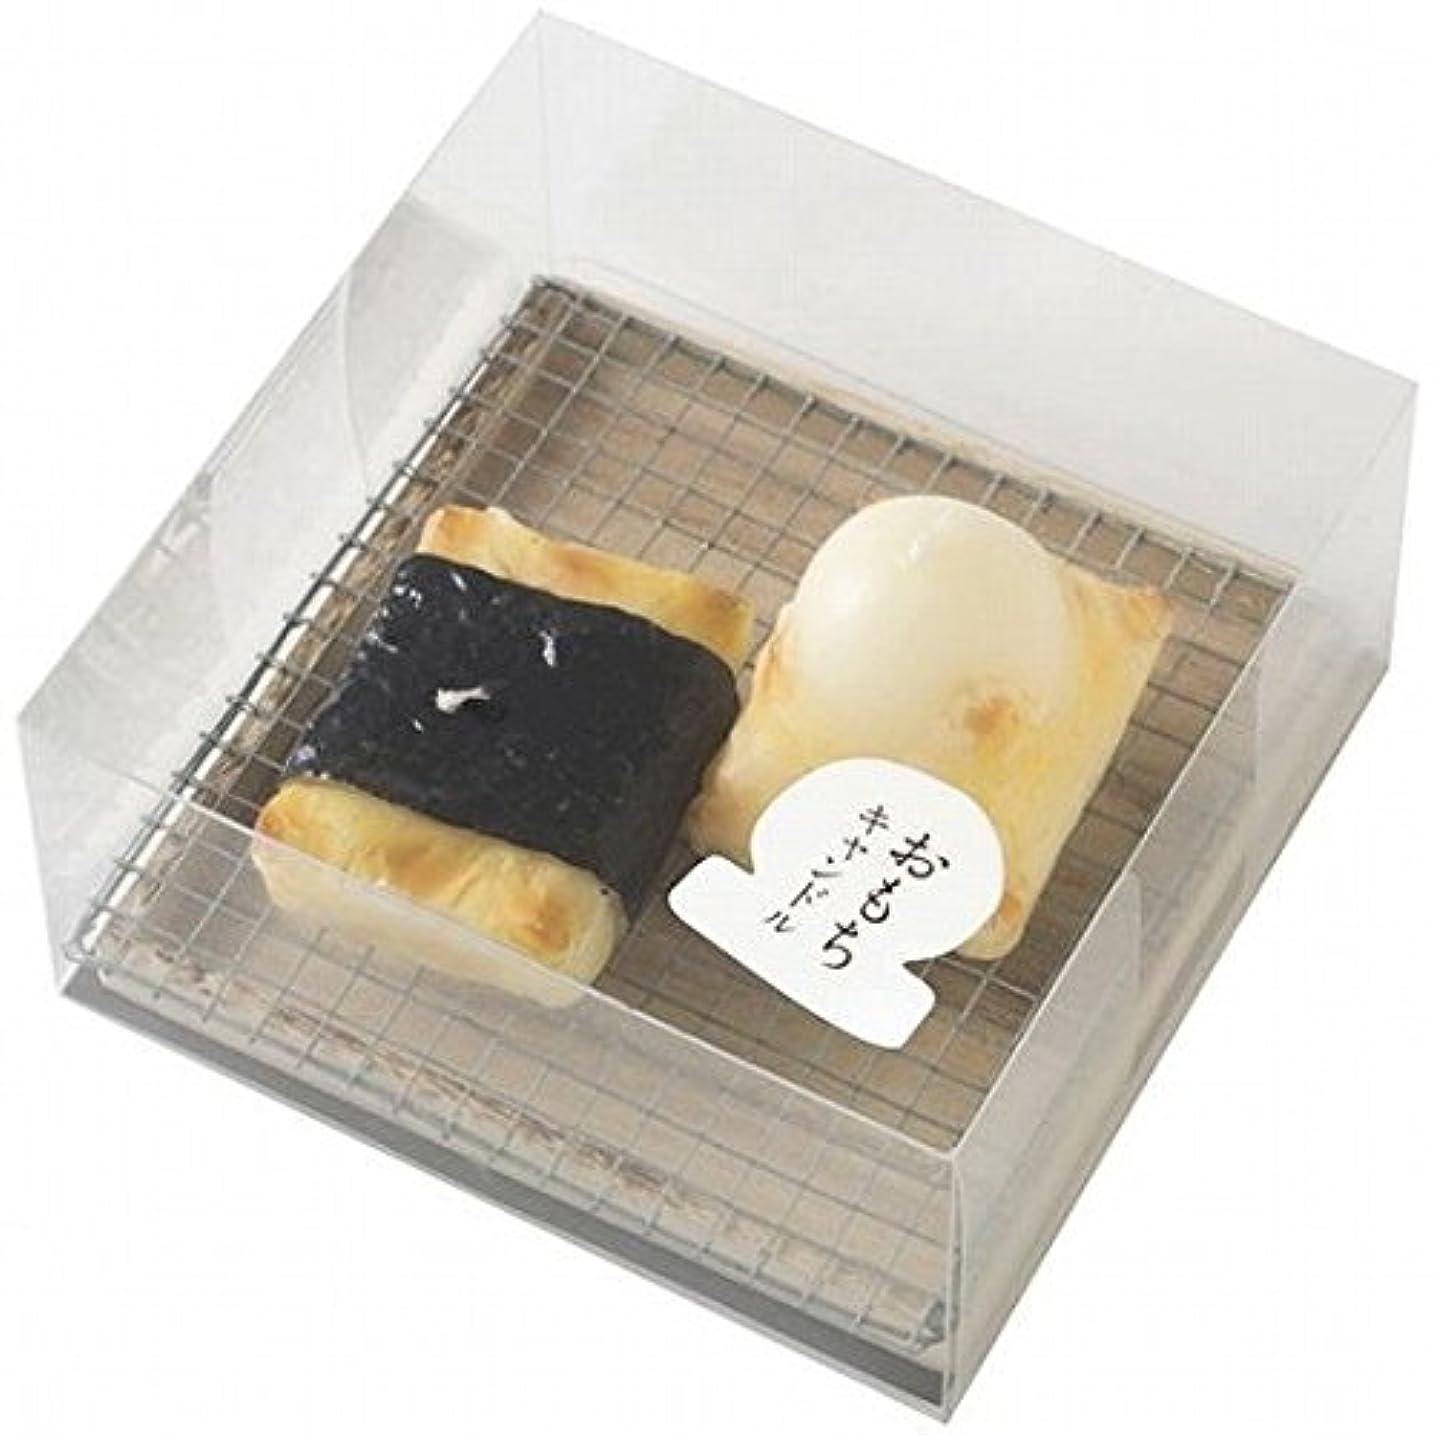 セットアップ生き返らせる世辞kameyama candle(カメヤマキャンドル) おもちキャンドル(86930000)